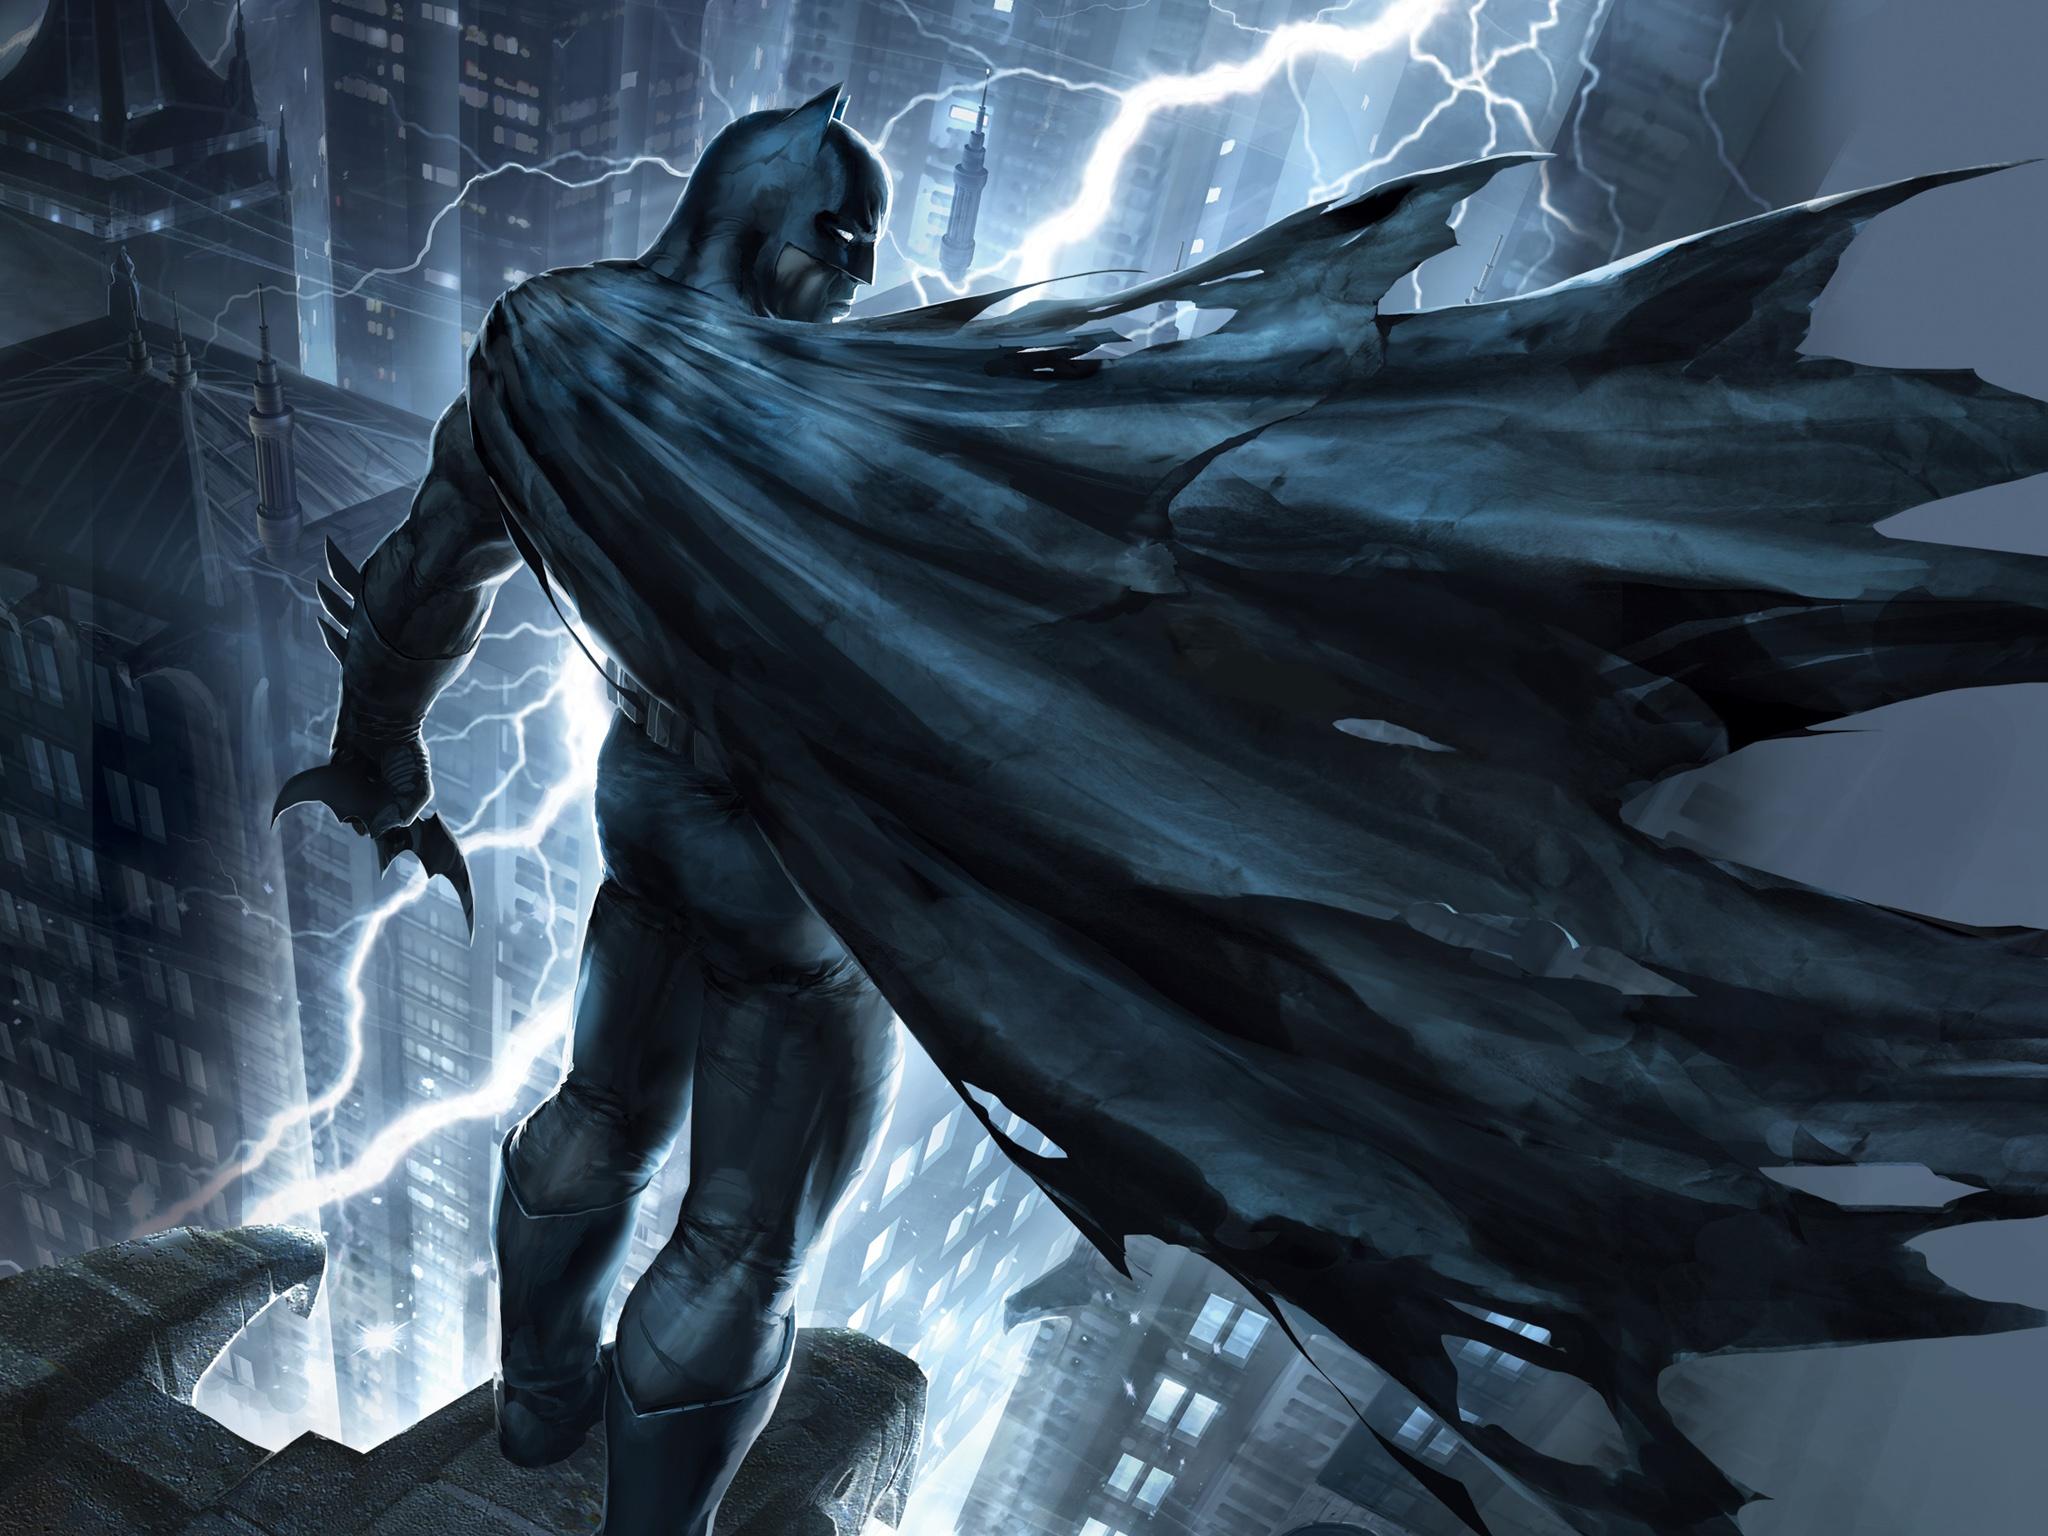 hd batman wallpaper download 2048x1536